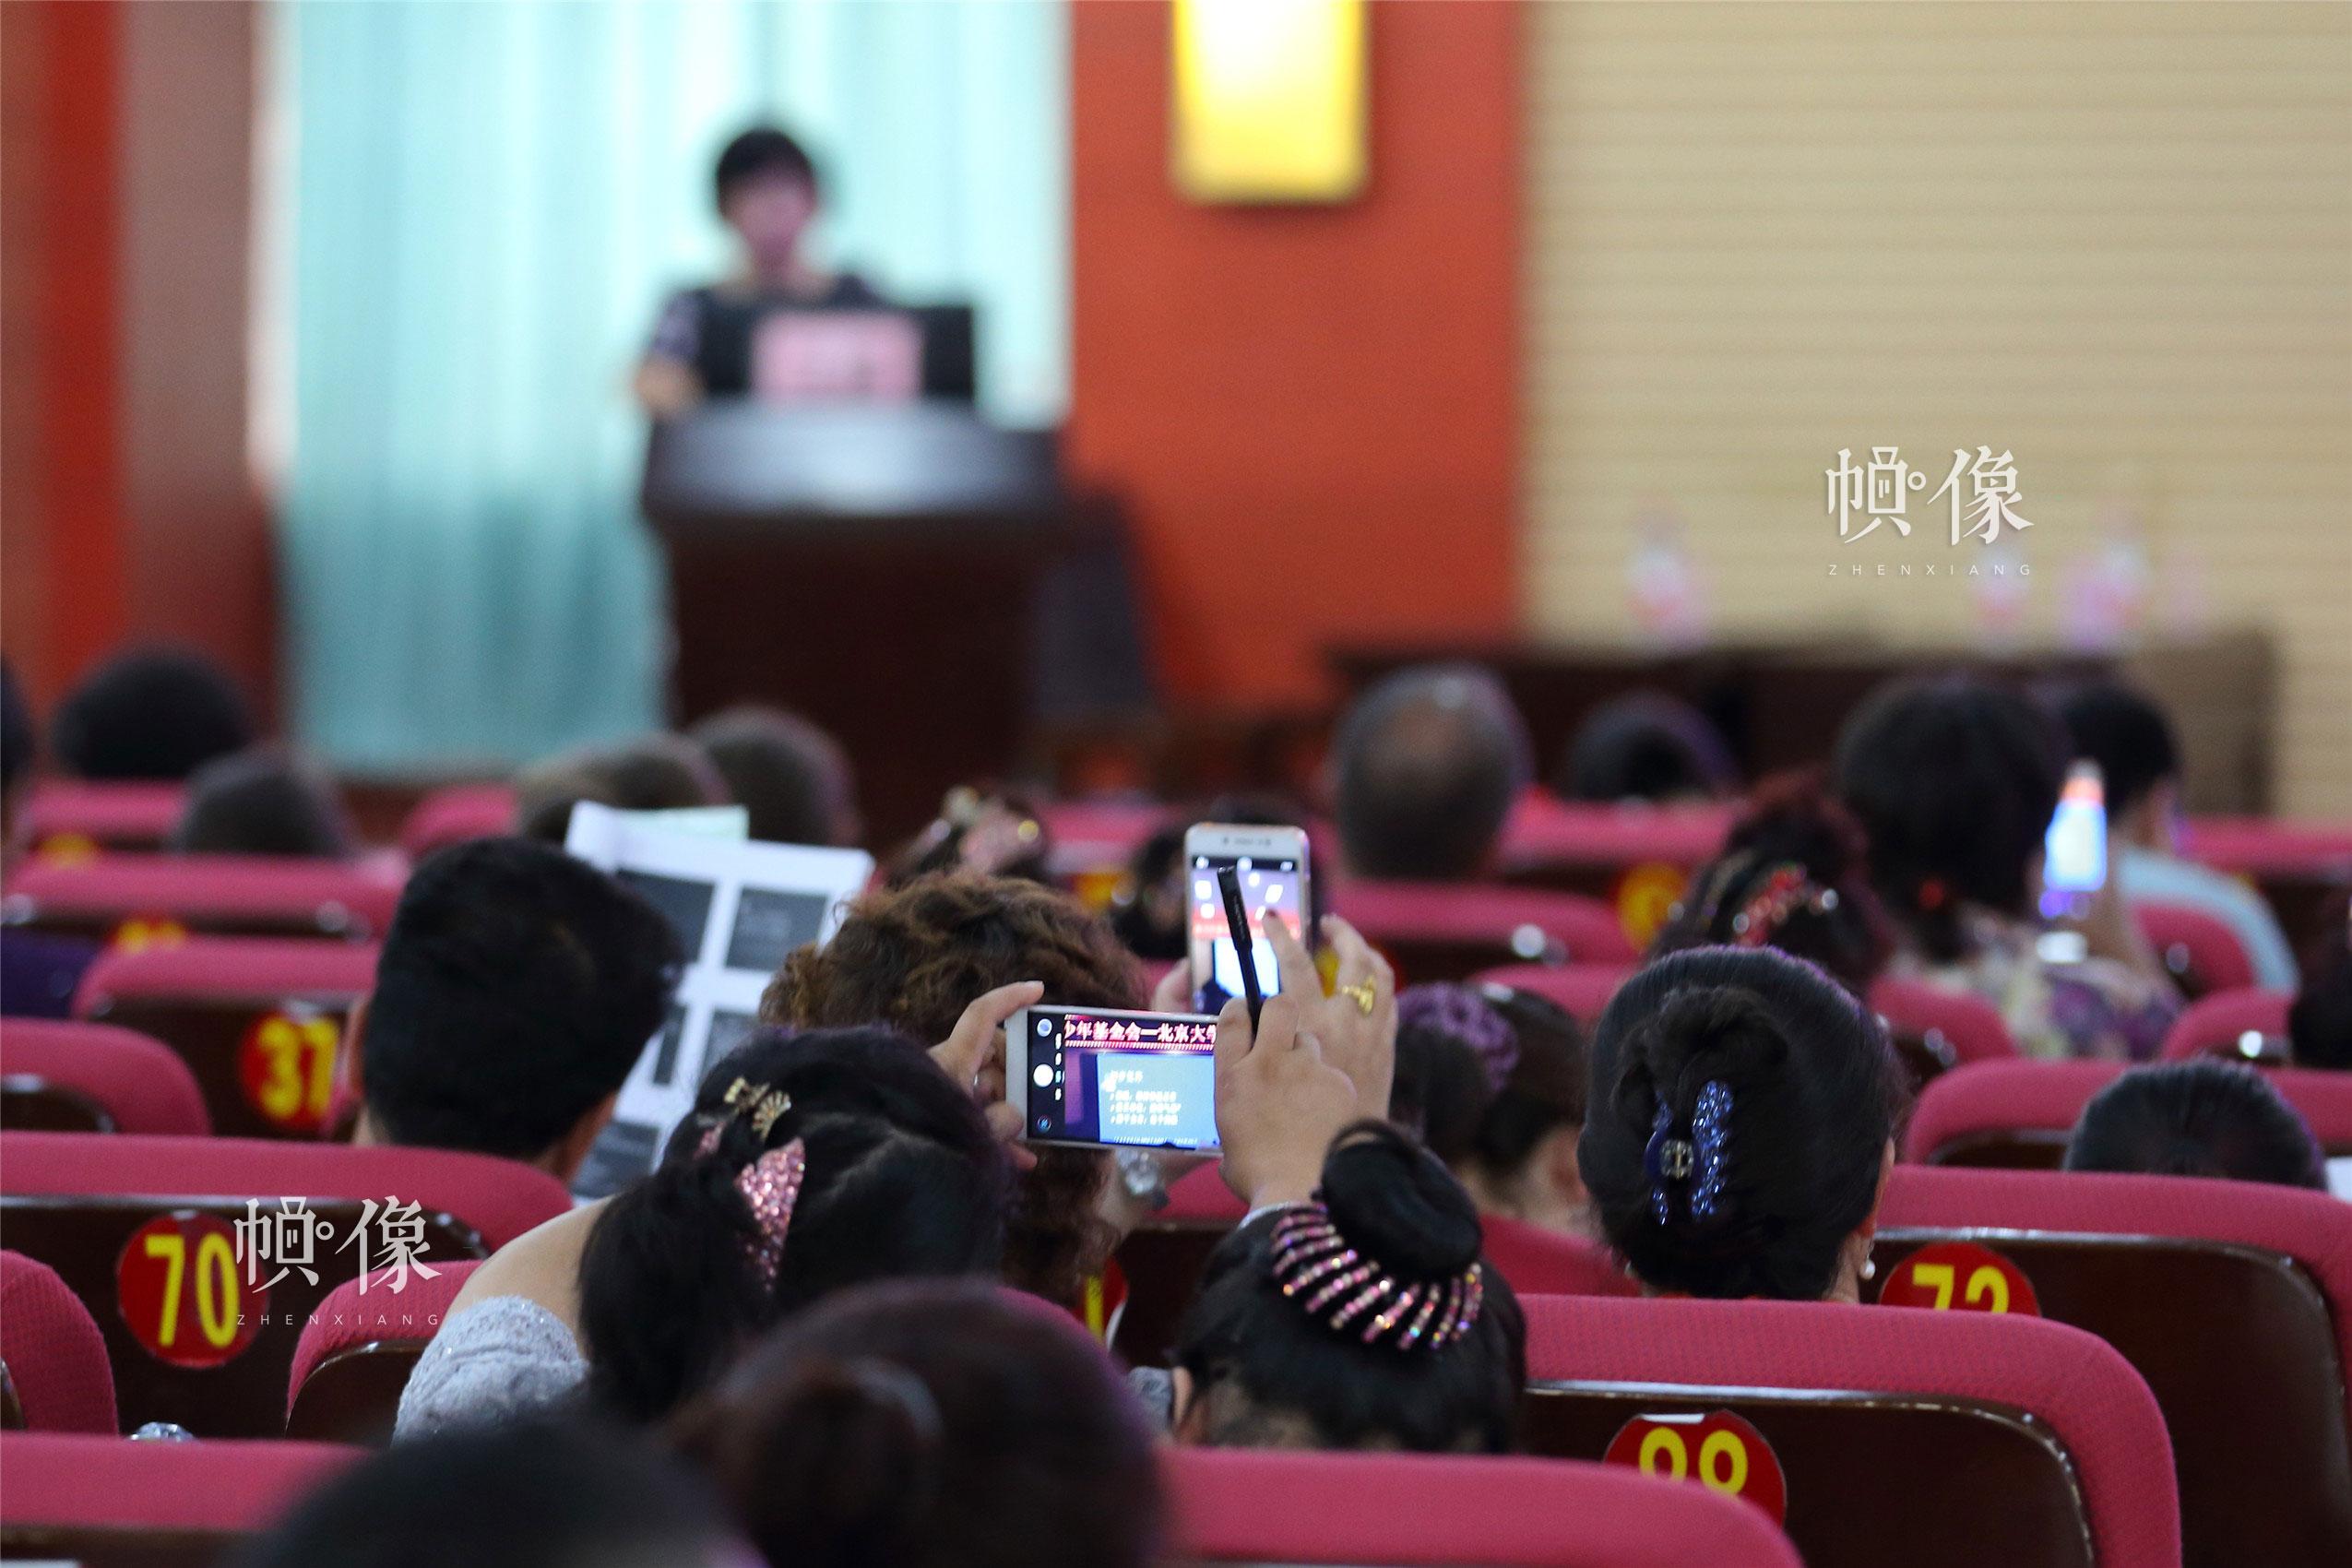 新疆克州當地百名醫生來到克州人民醫院參加全國兒科醫師培訓。中國網記者 陳維松 攝